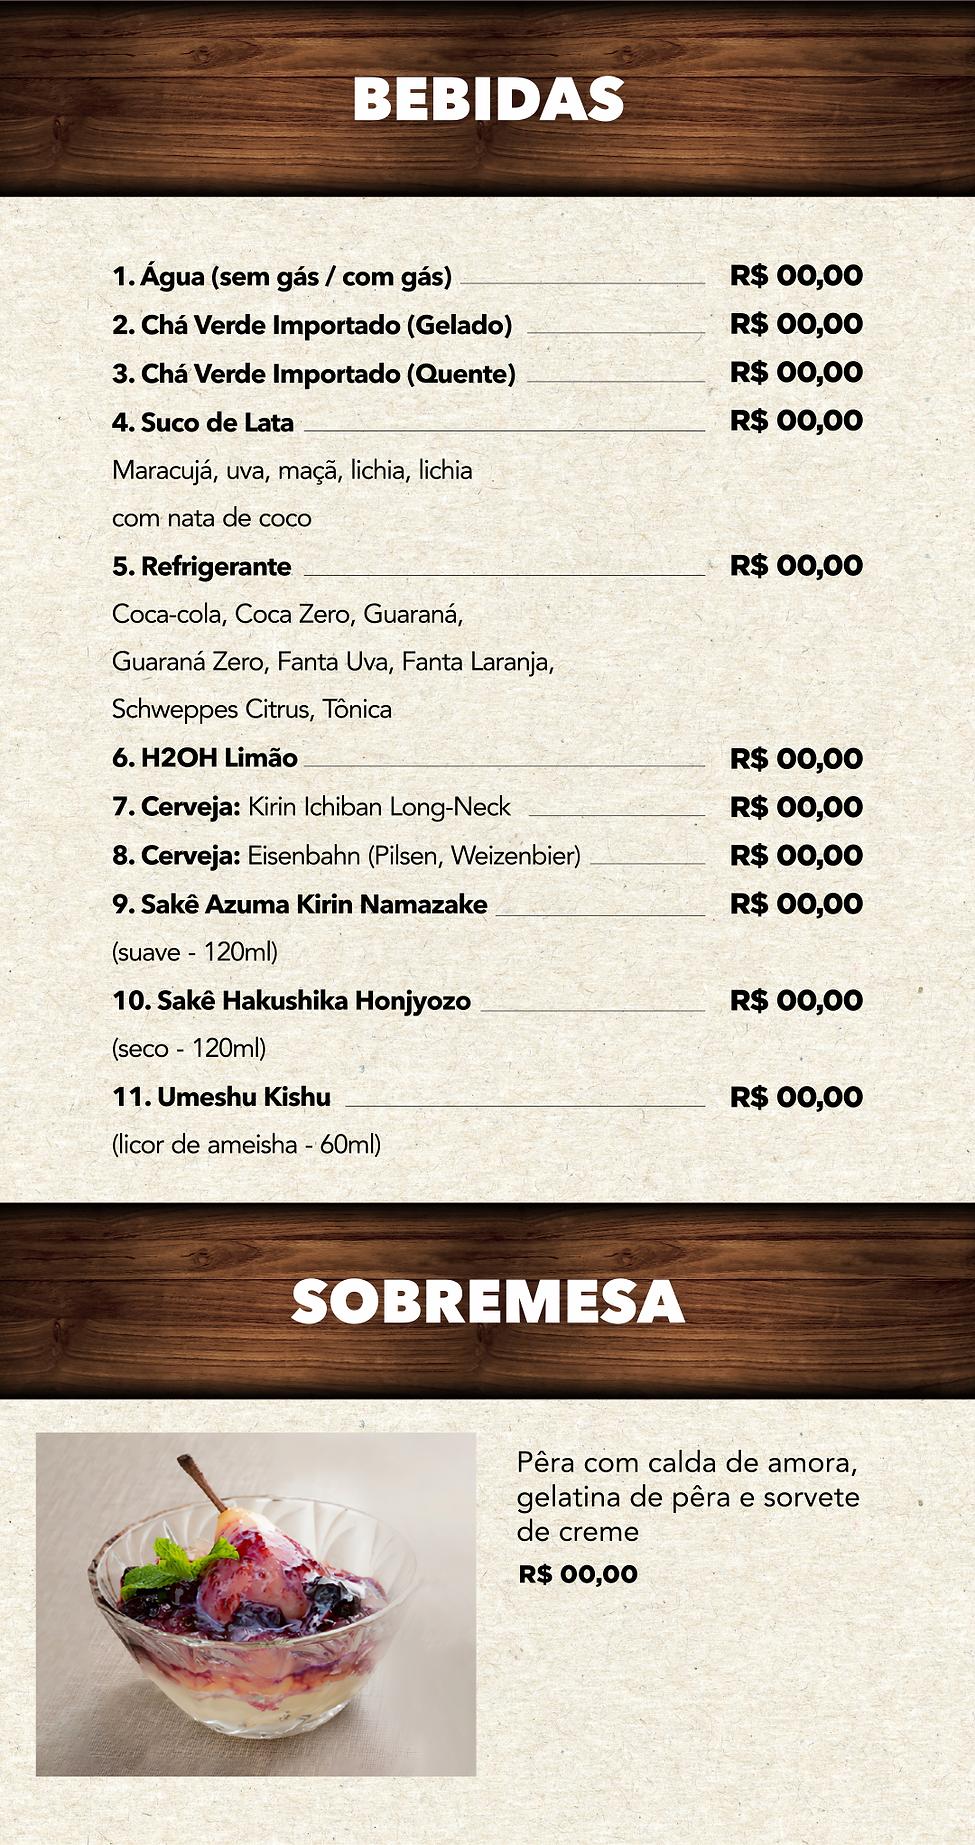 08-Bebidas Sobremesas.png